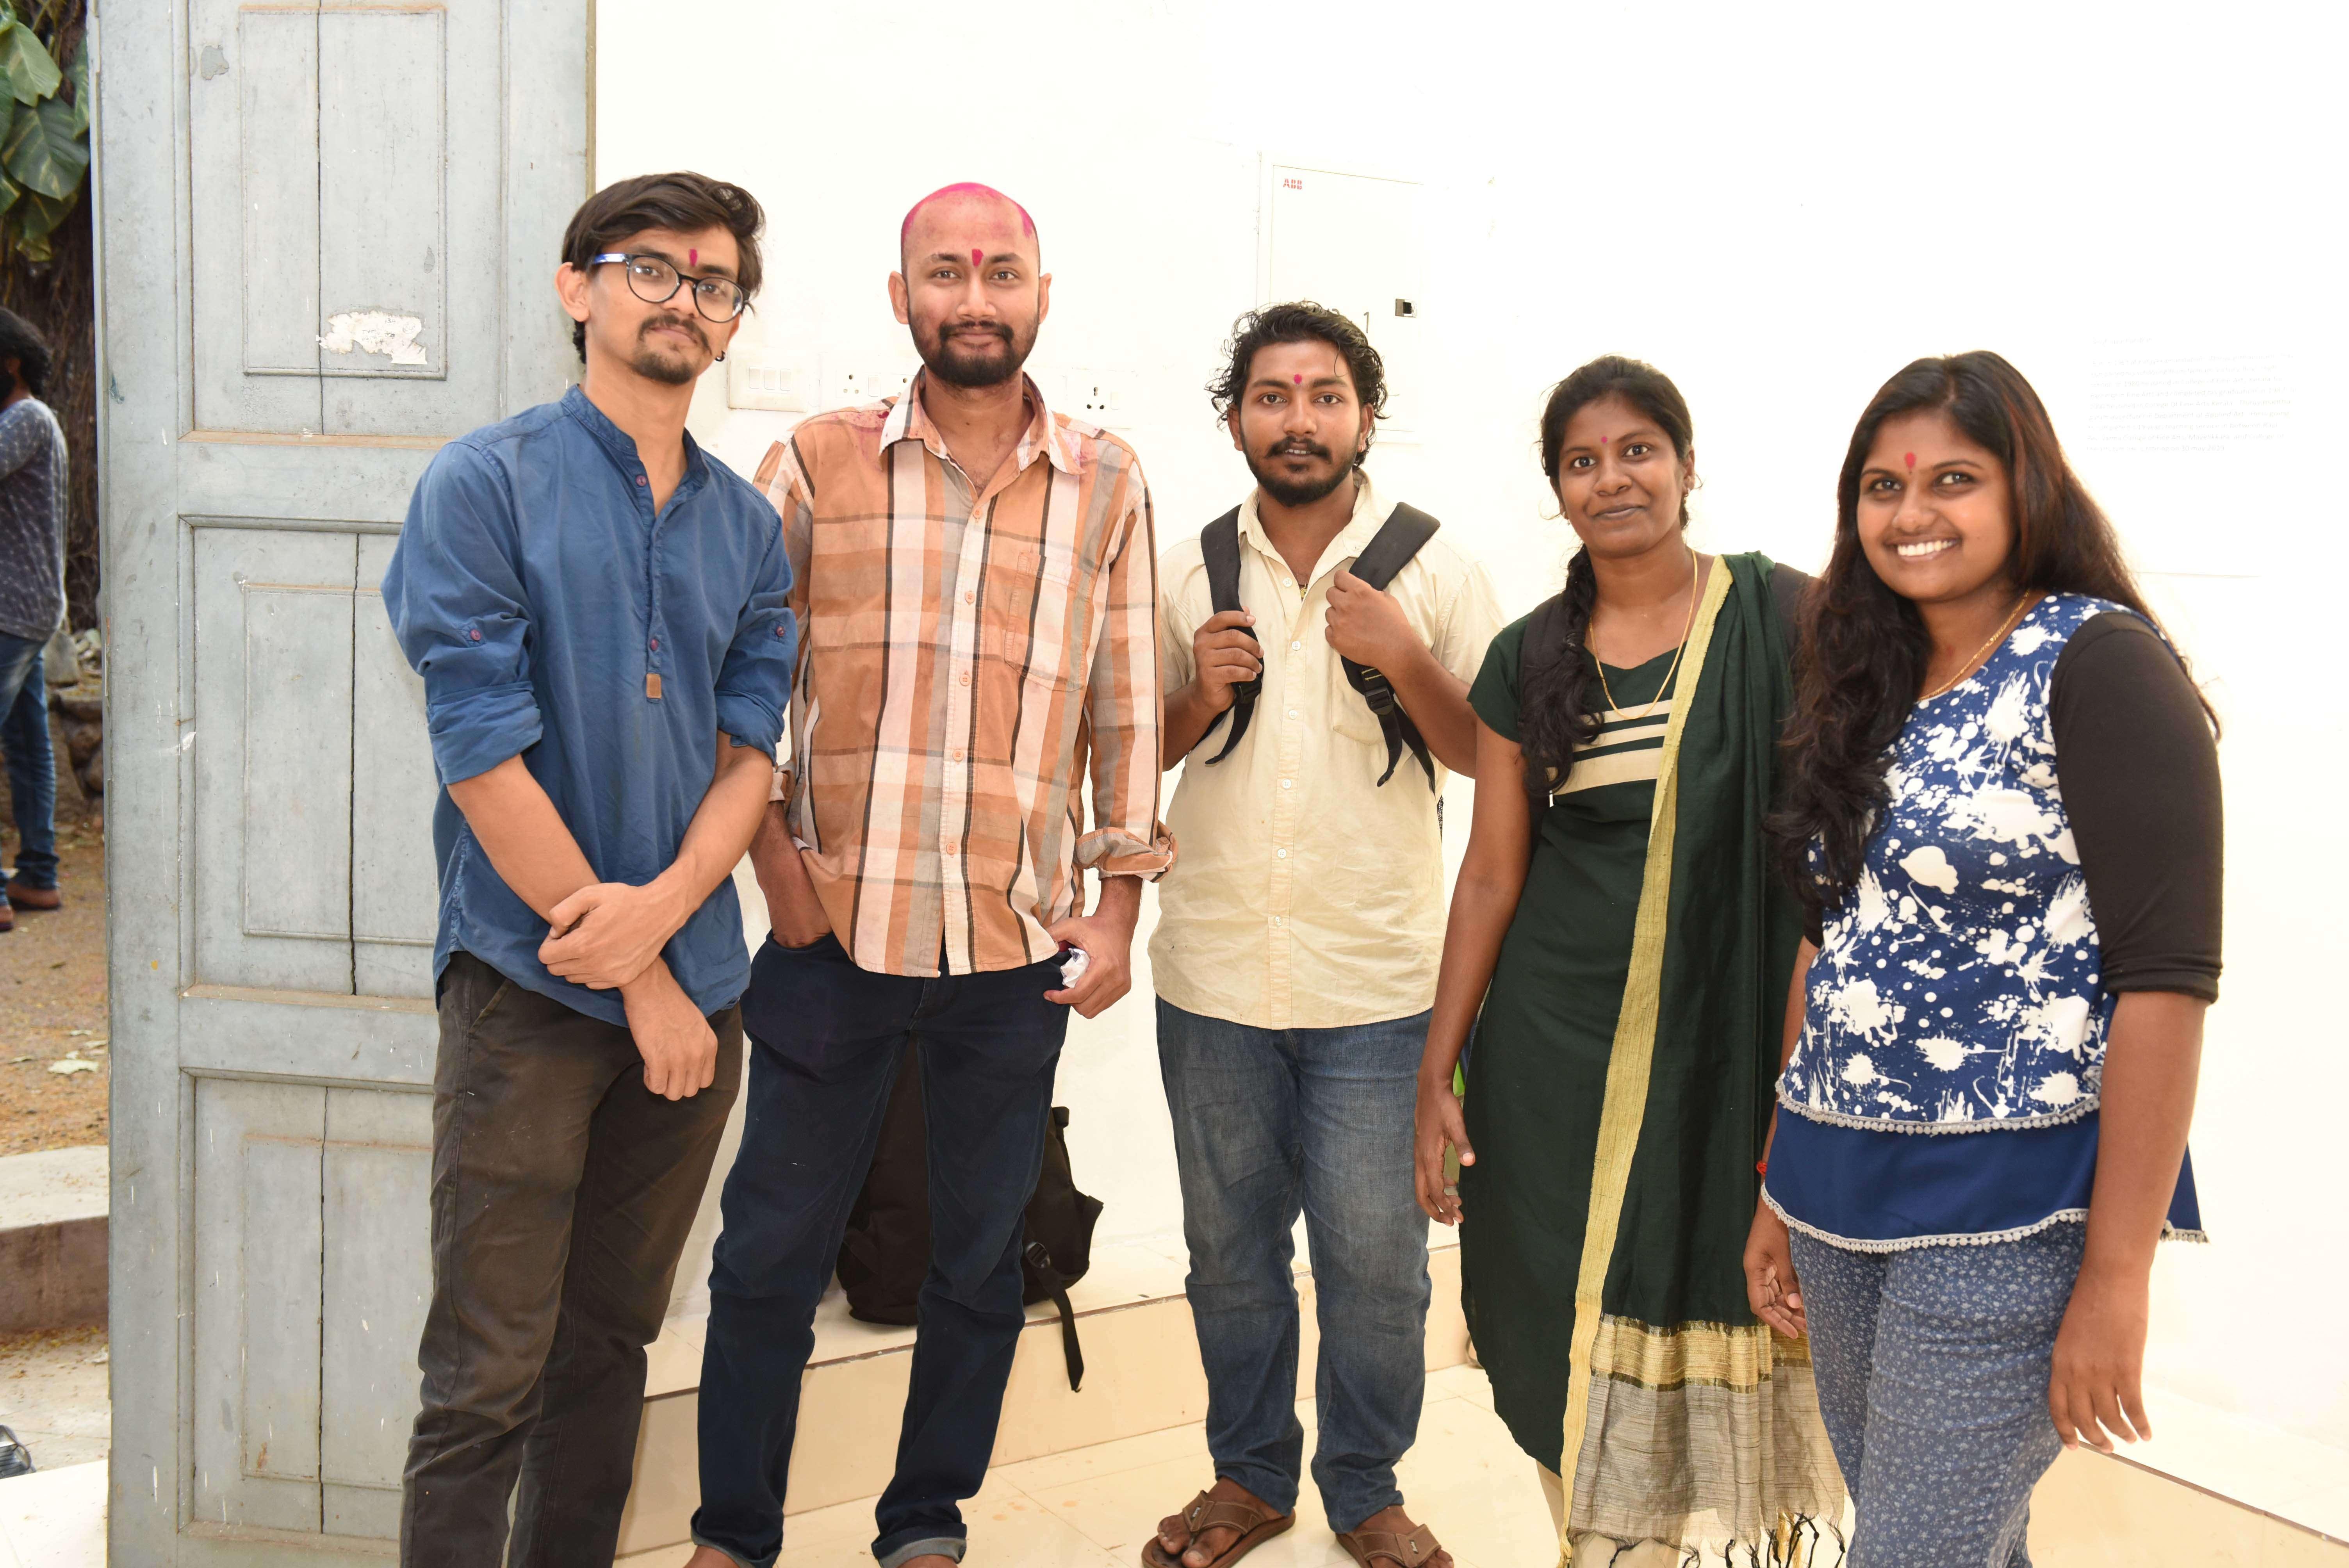 Kesav Lahoti,Suraj Biswas, Sivan Kutty,Akhinu,Reshma